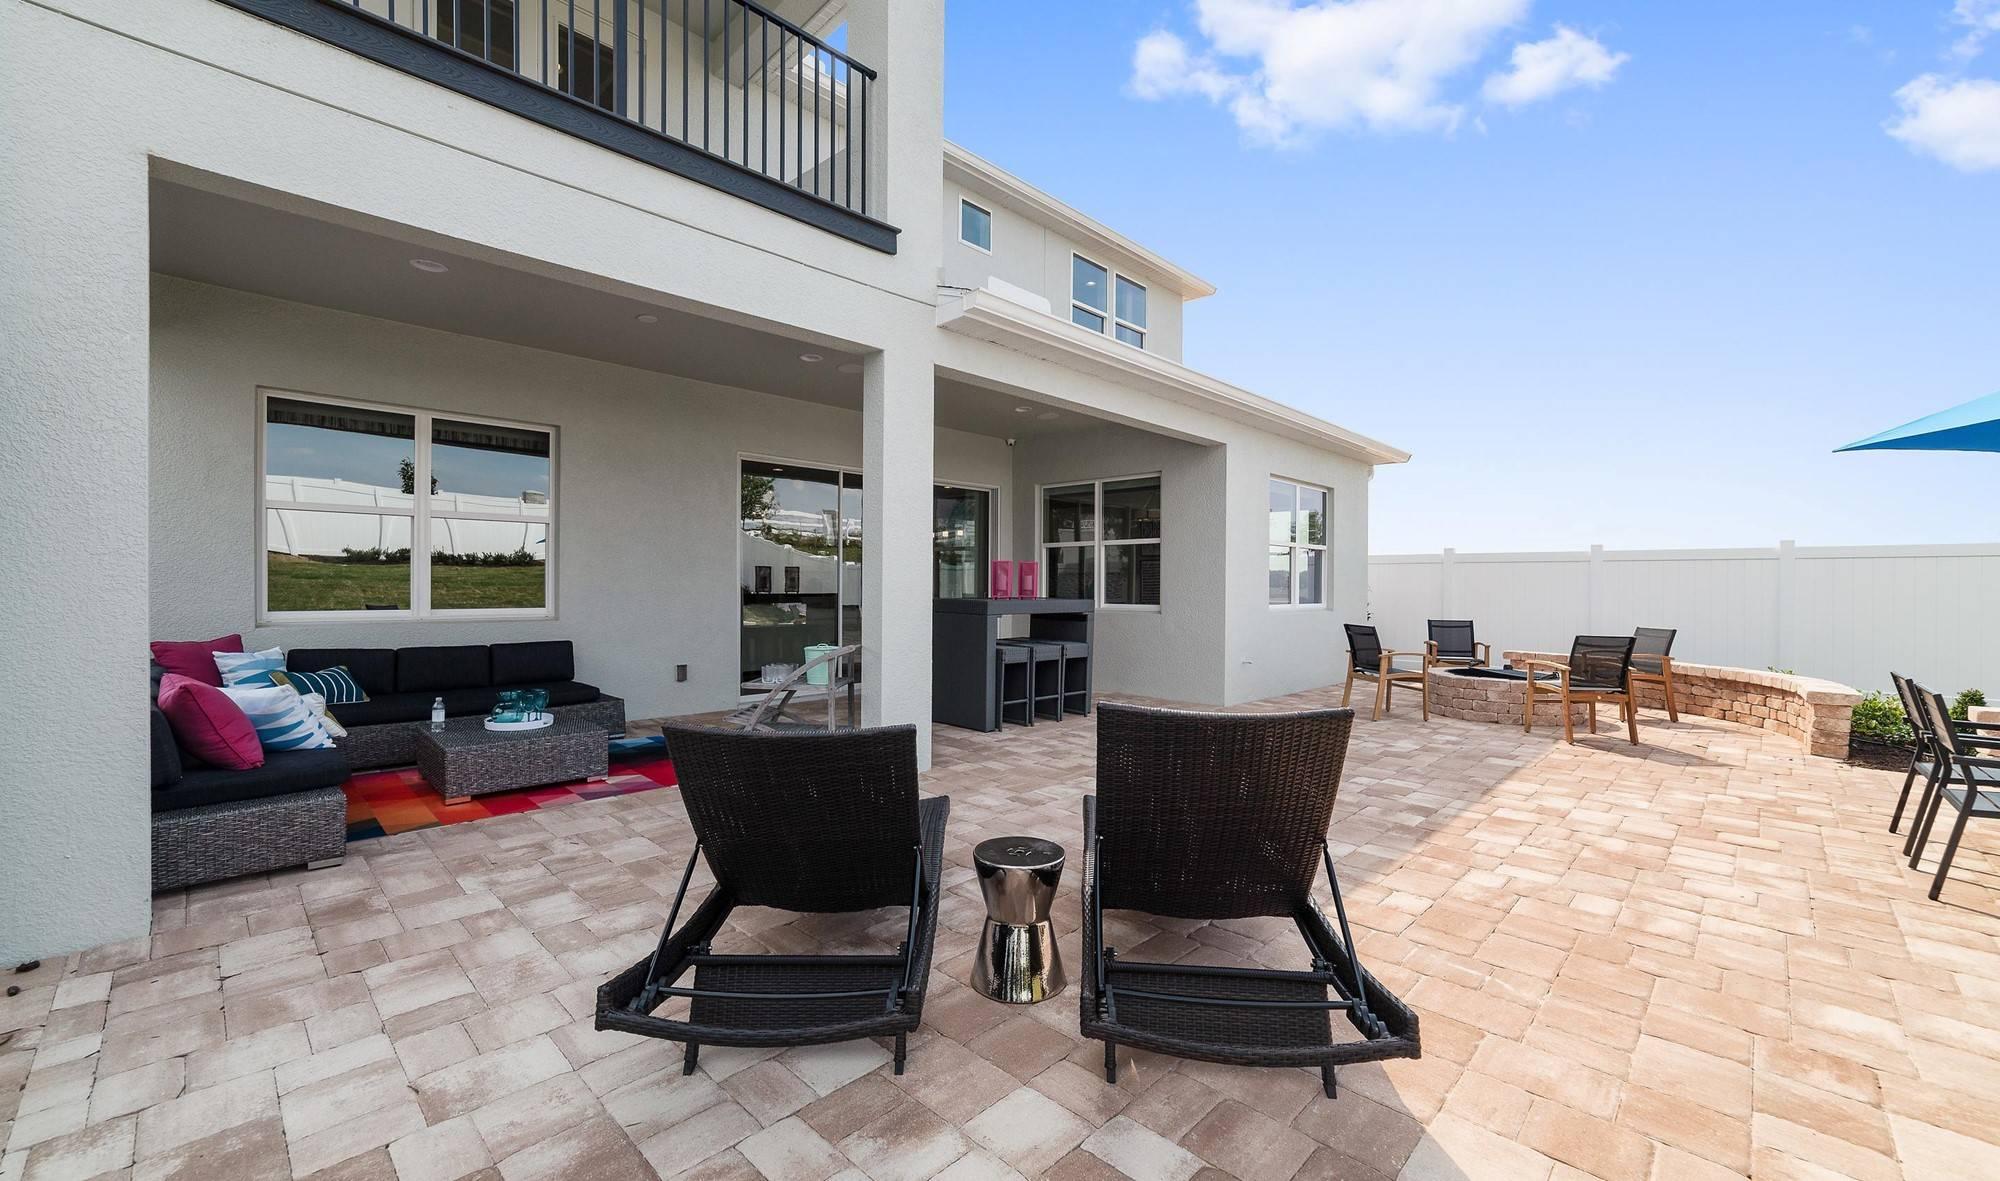 sanya-covered-lanai-new-homes-orlando-fl